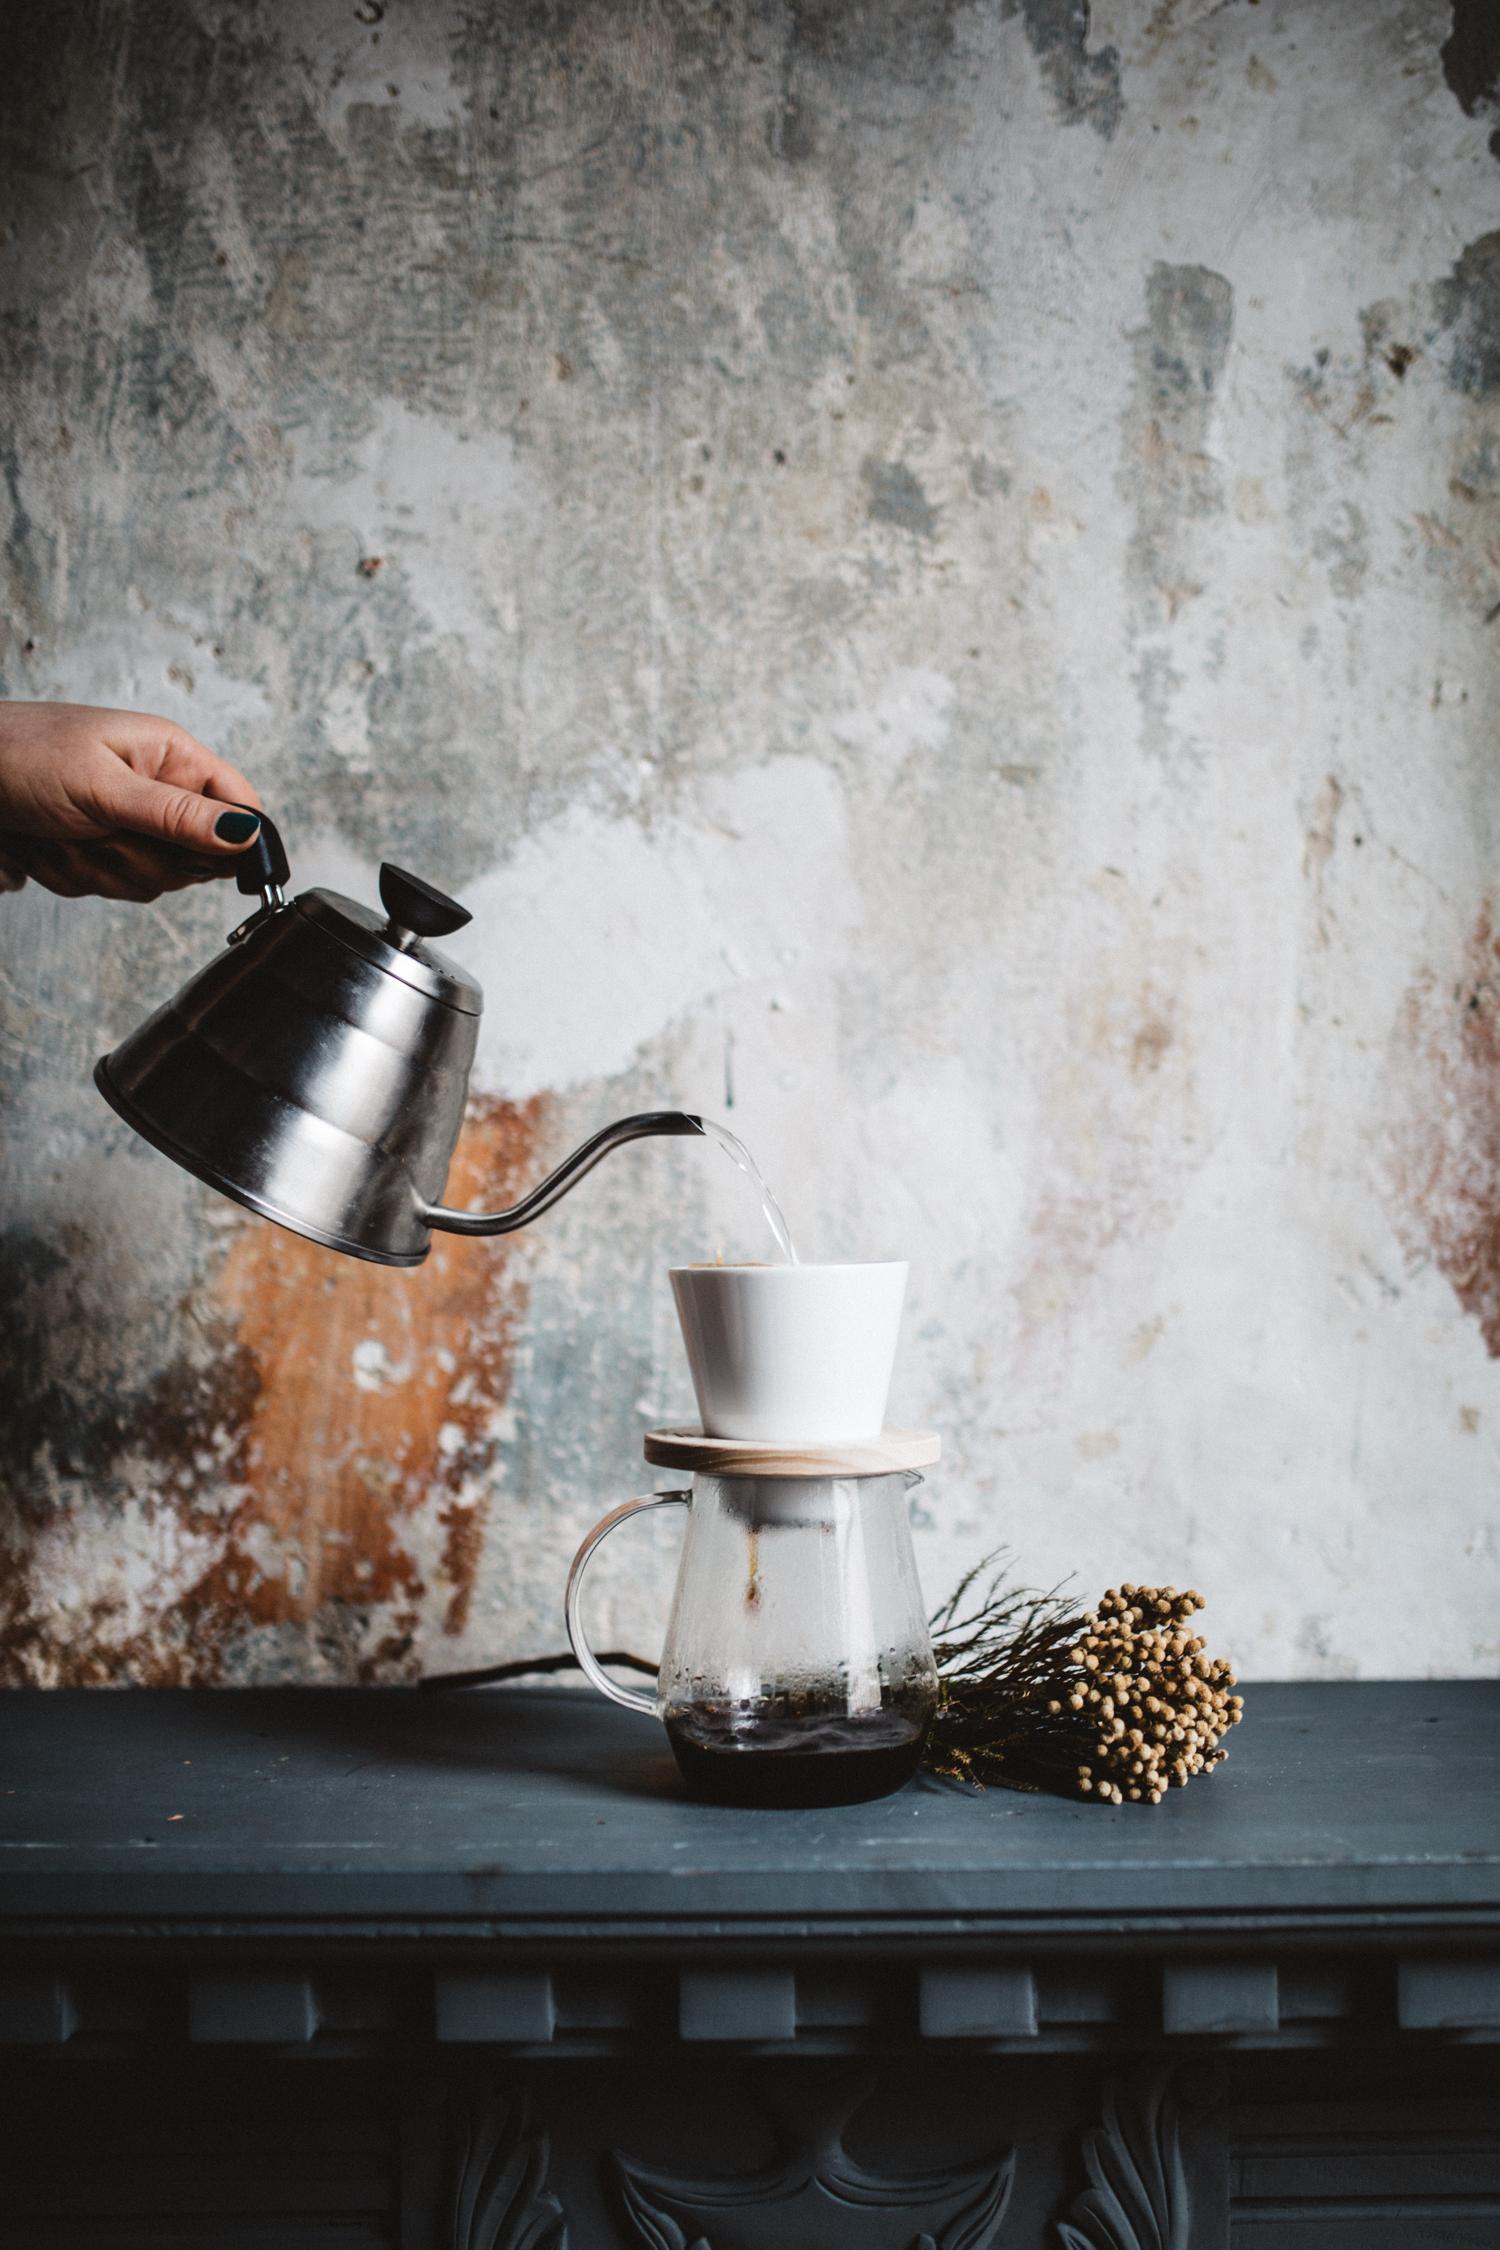 Die schöne japanisch  Glaskanne Pitchii und den  Filter  haben wir übrigens von Handcraft Coffee.